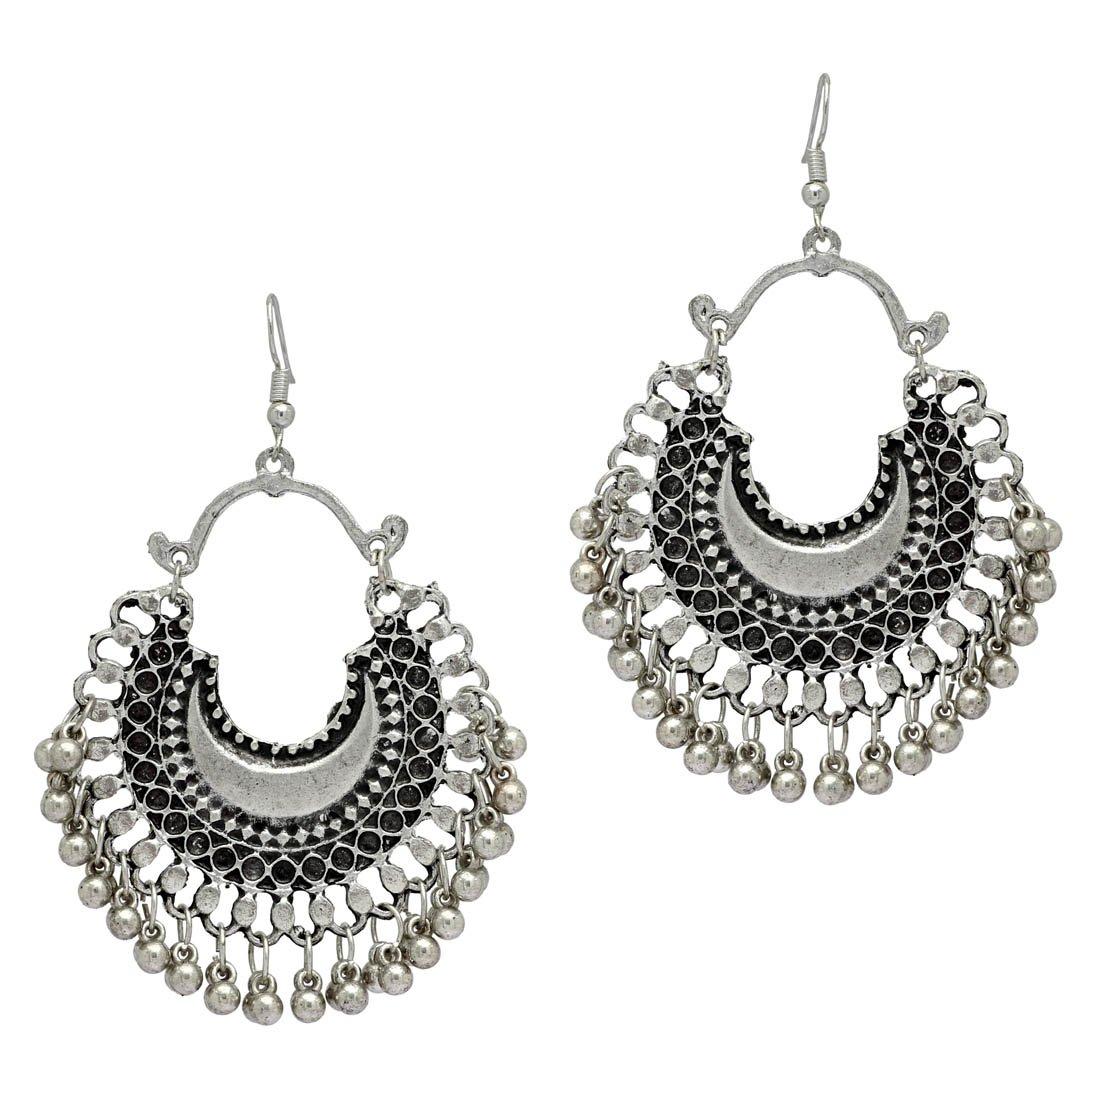 cefc11094 Olympian Enterprises Oxidised Silver Afghani Tribal Chandbali Hook Earrings  for Women: Amazon.in: Jewellery